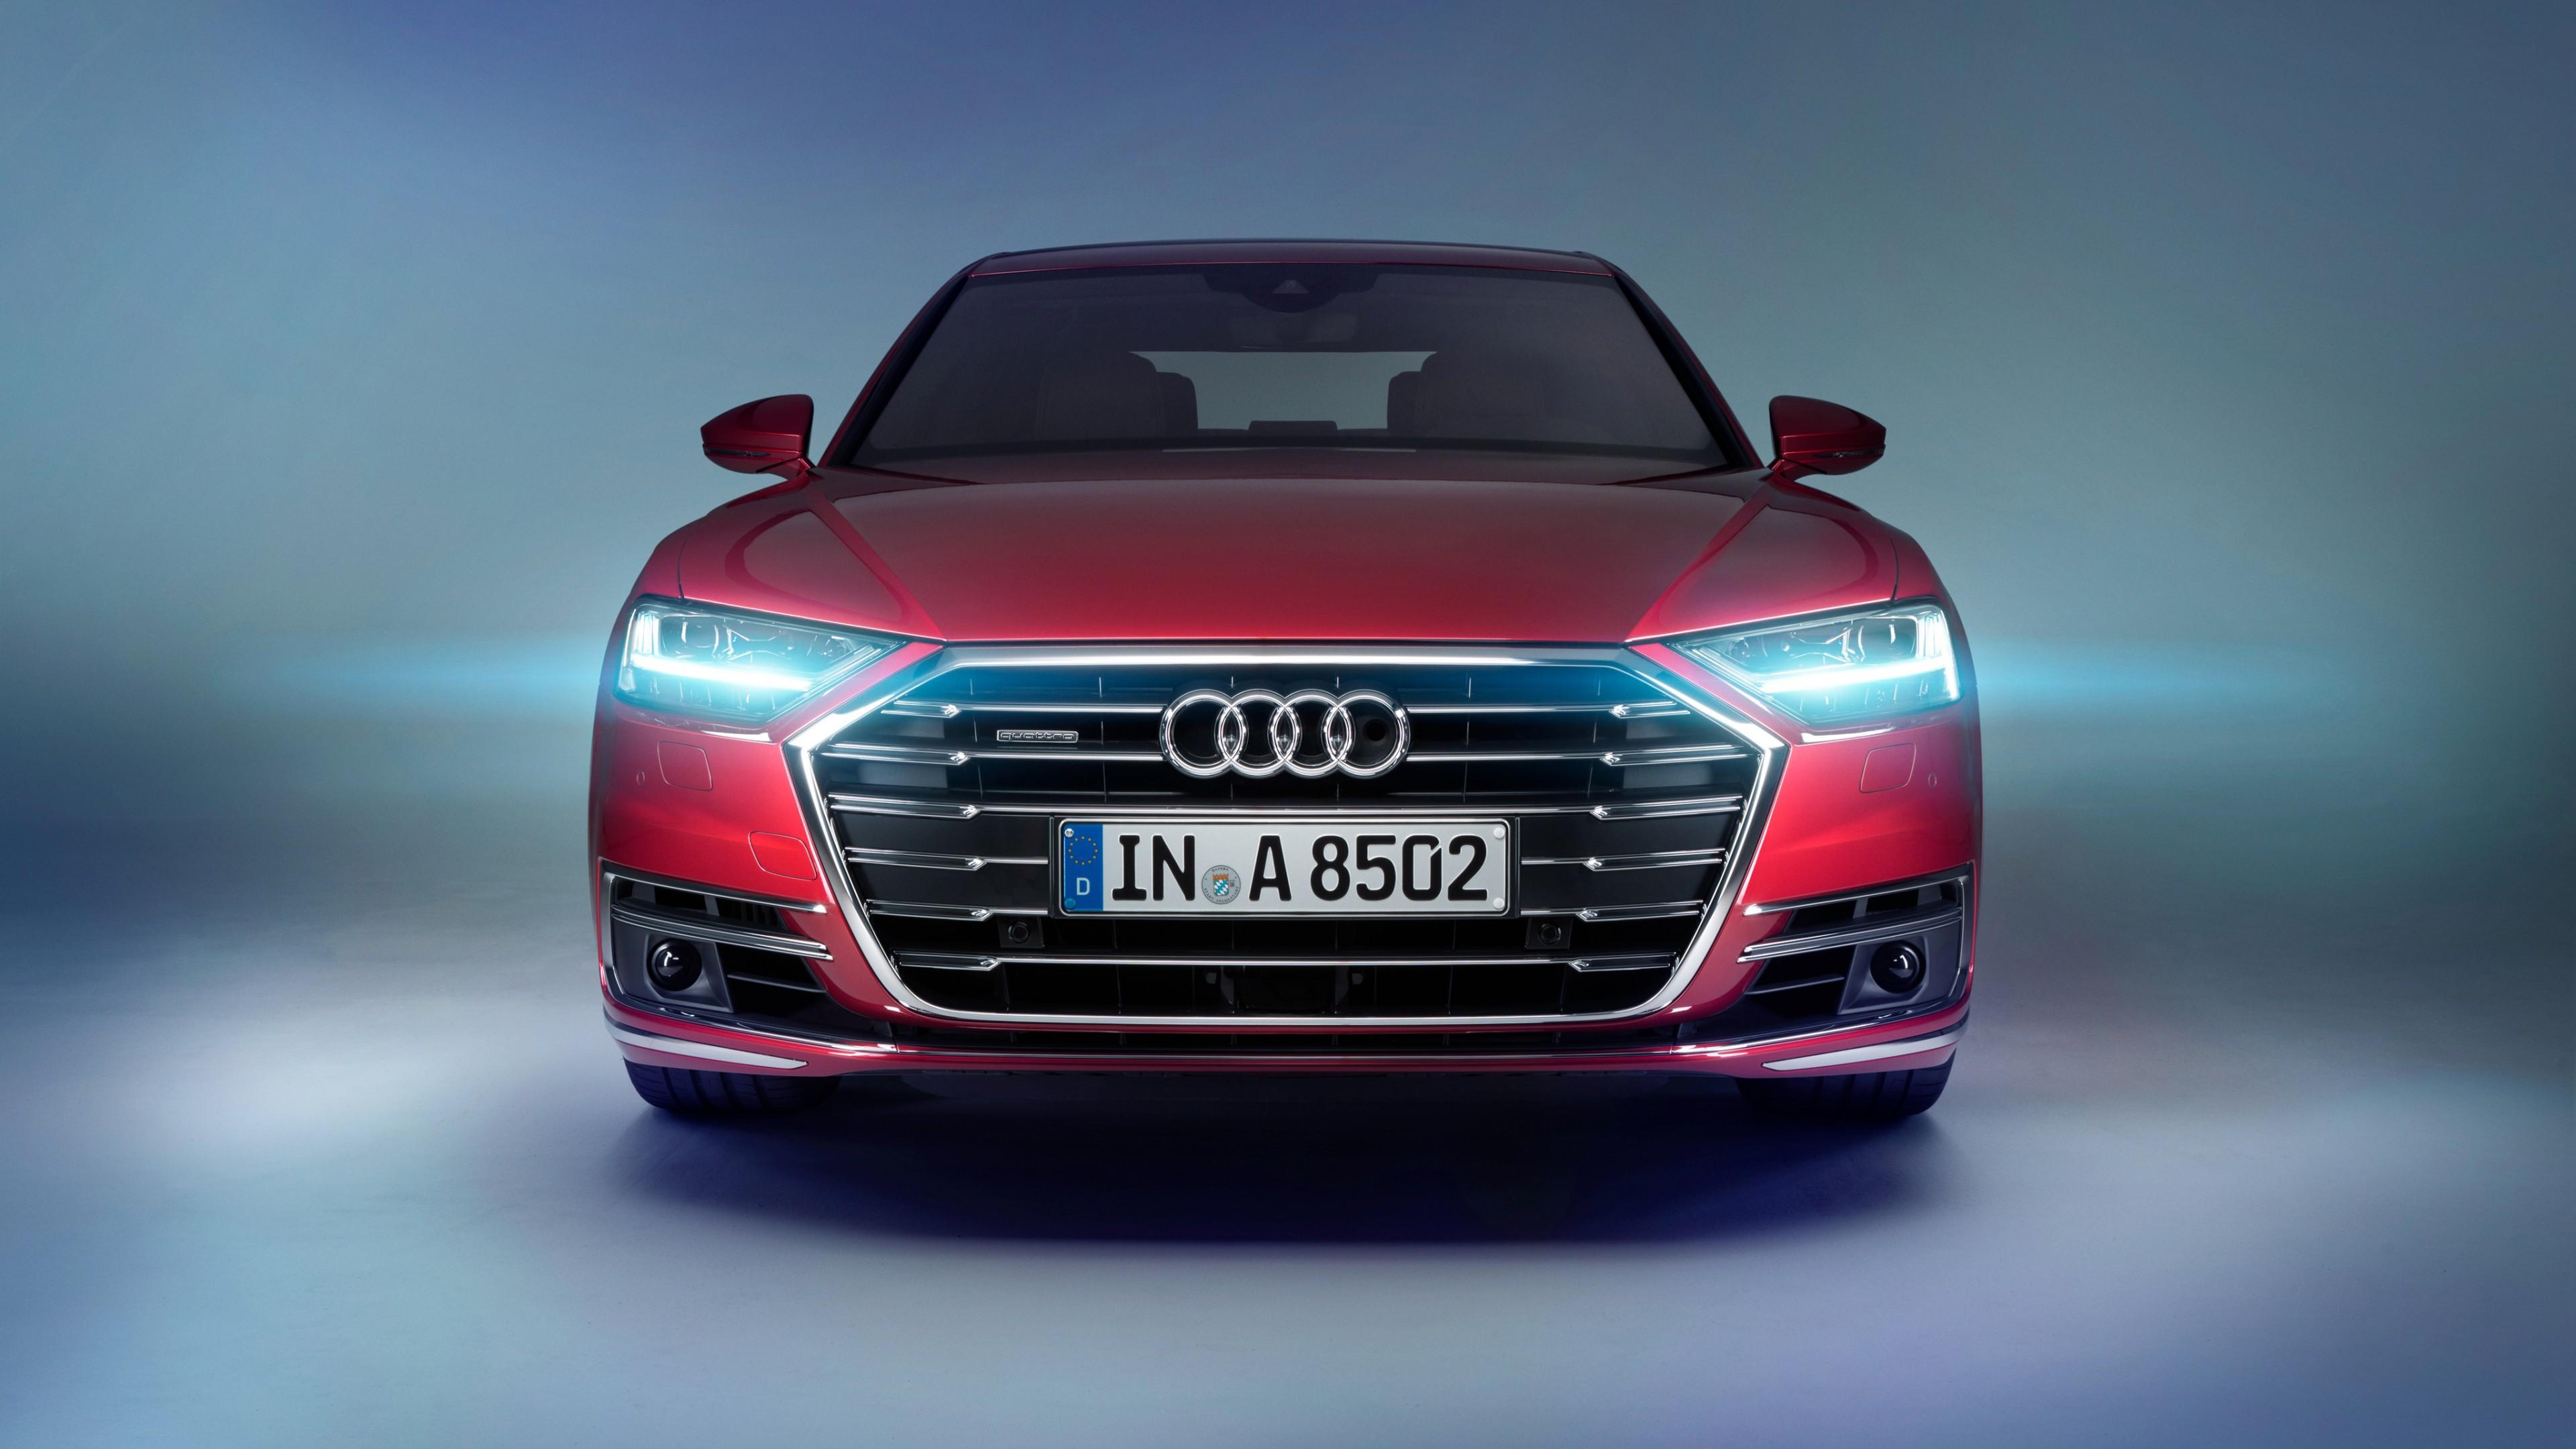 2017 Audi A8 3 Tdi Quattro 4k Wallpaper Hd Car Wallpapers Id 8734 2017 audi a8 3 tdi quattro 4k